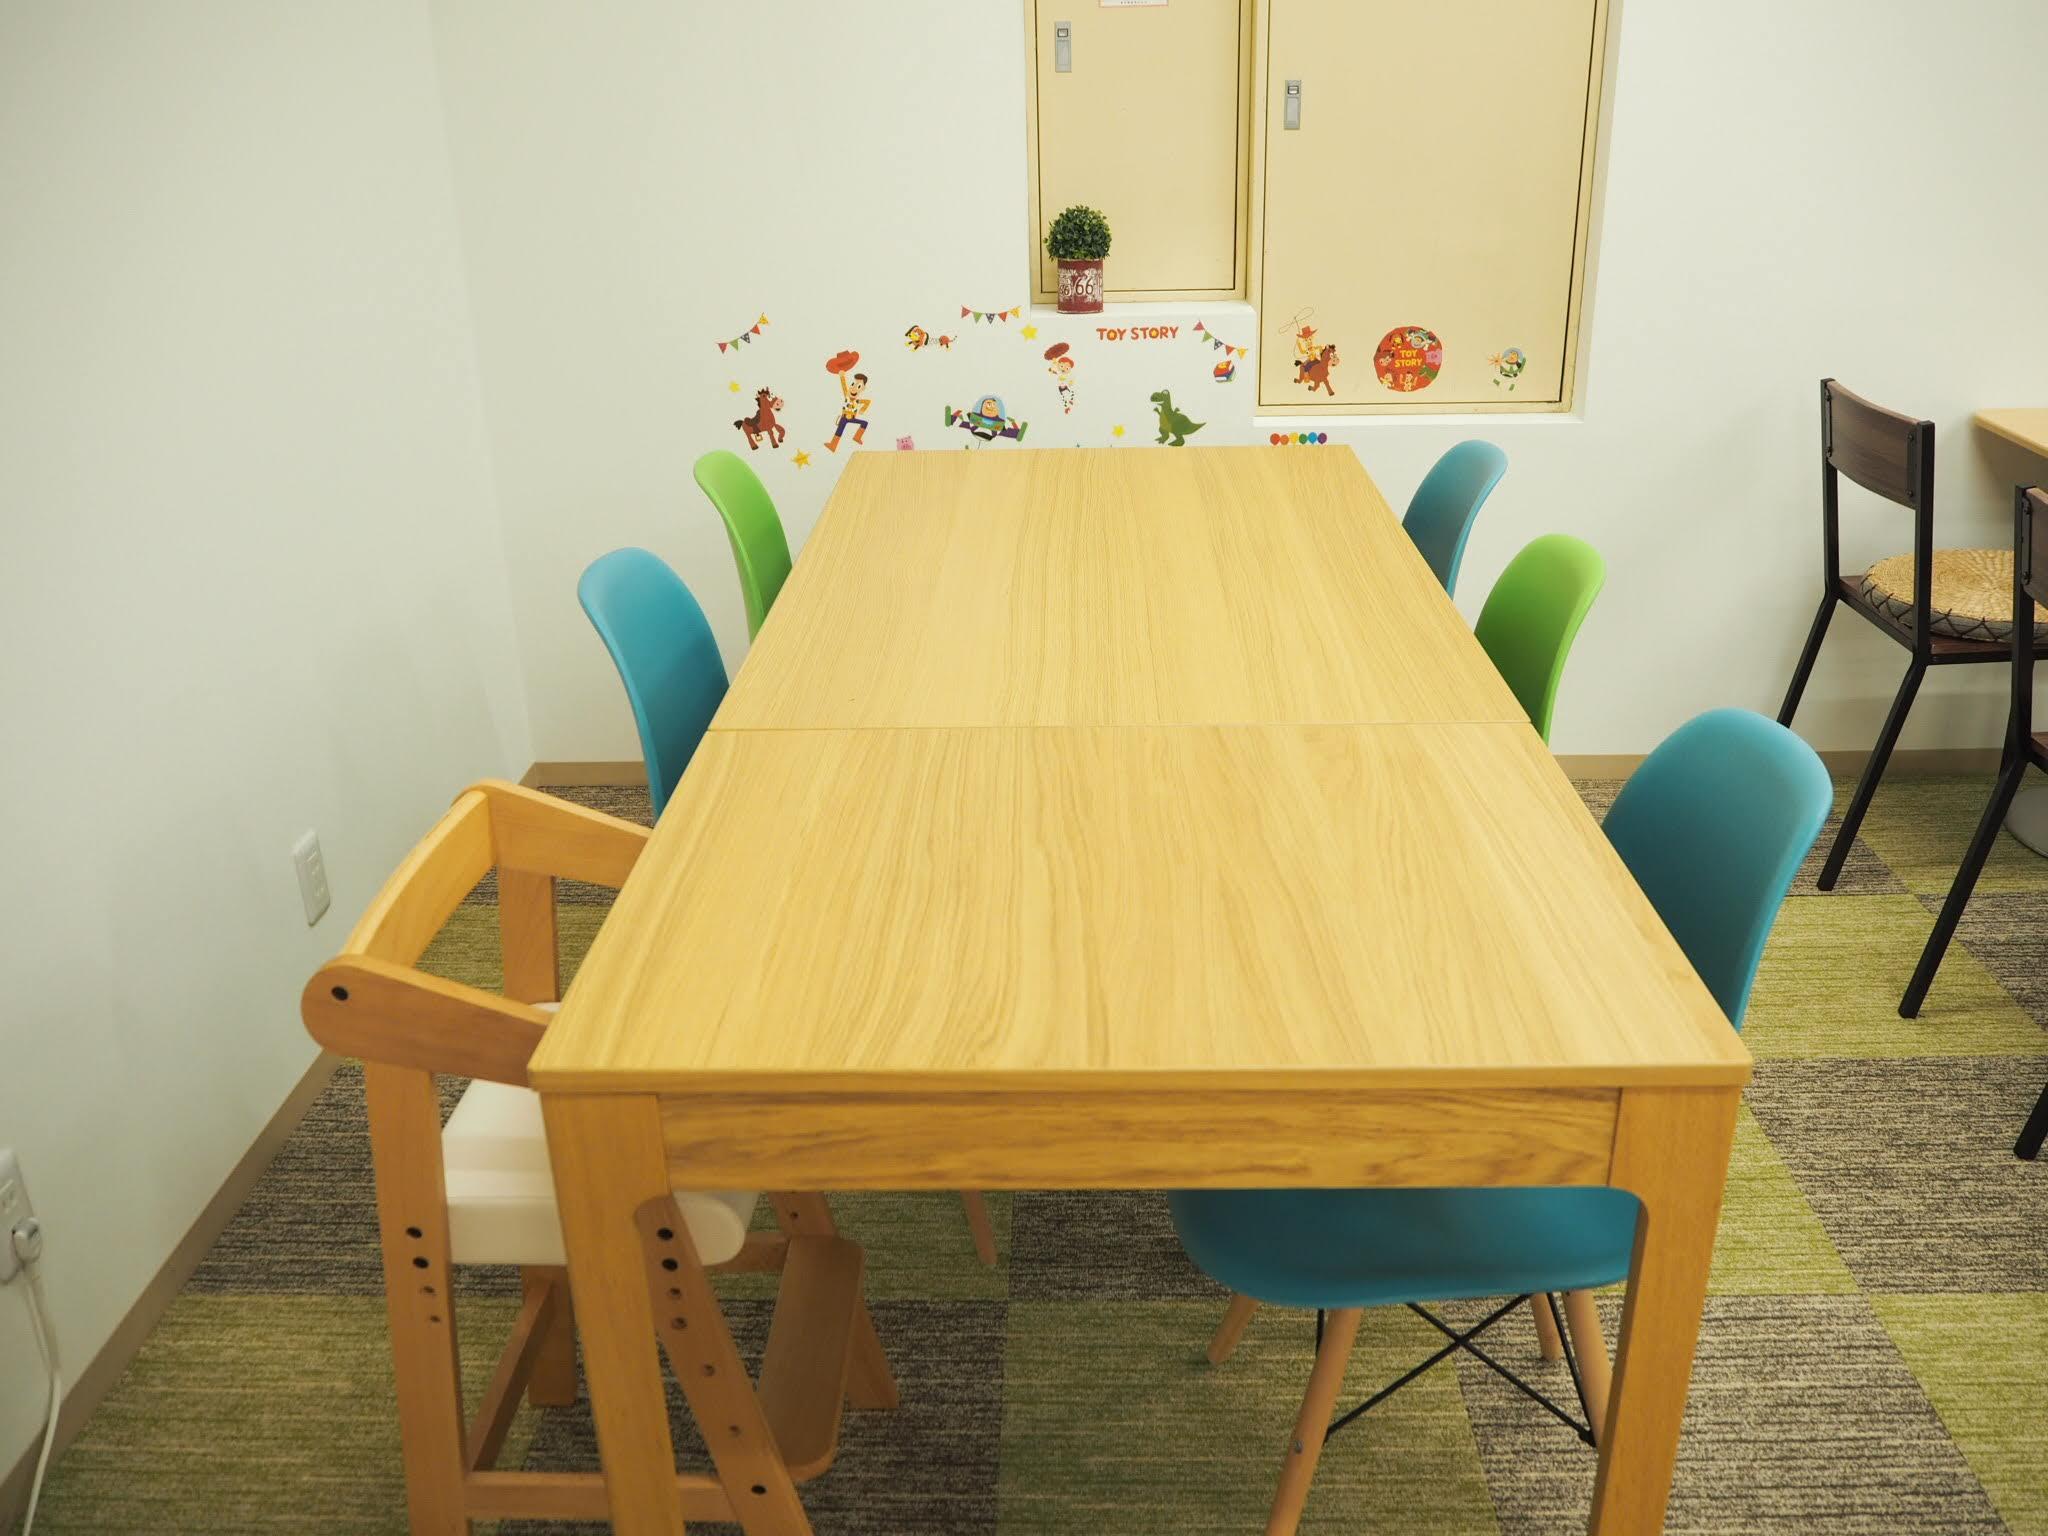 ワークスペースの6人掛けテーブル